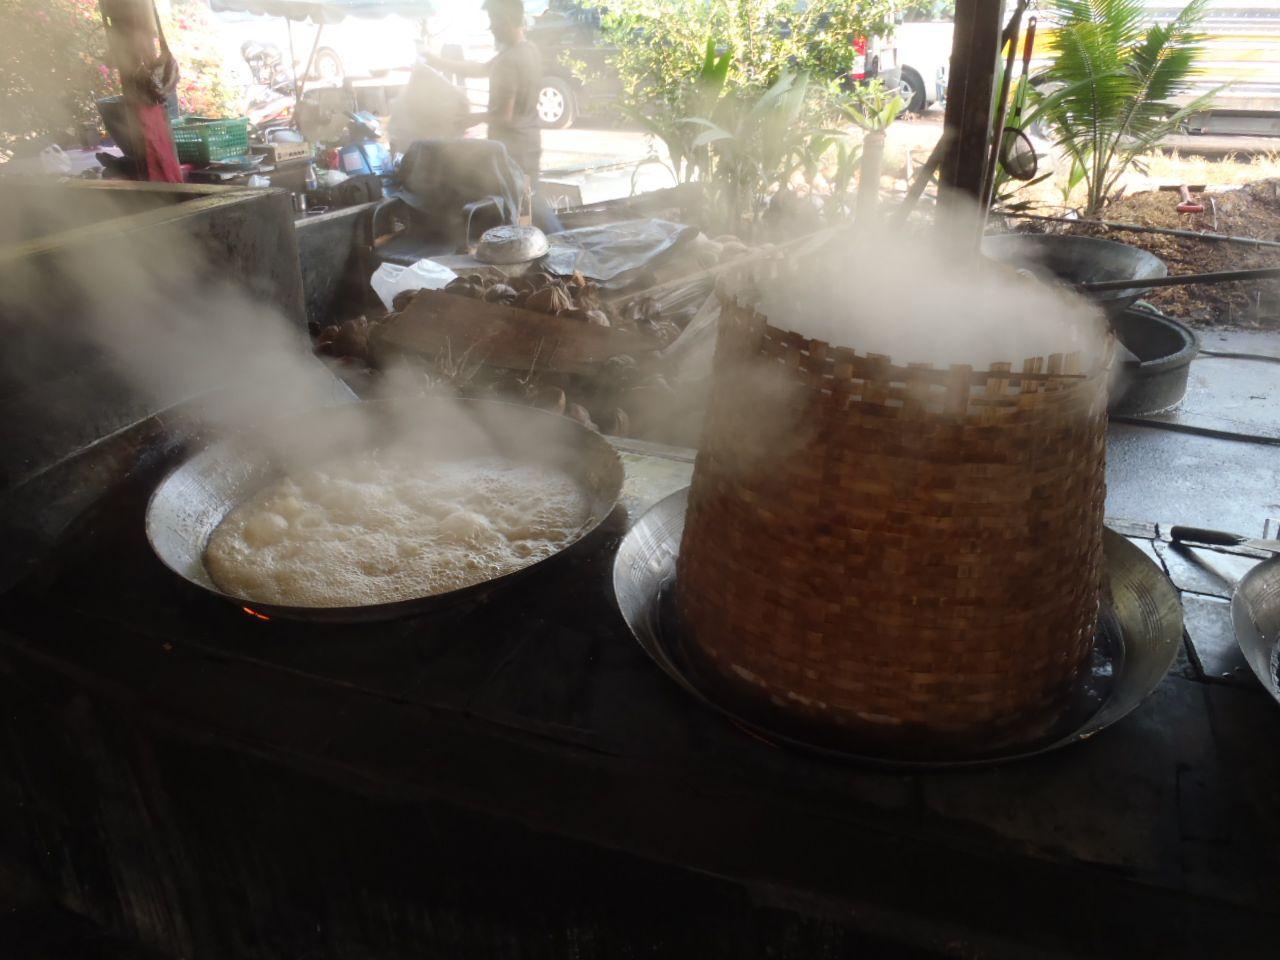 お次は砂糖市場へ!昔ながらの手作り椰子砂糖はミネラルたっぷり